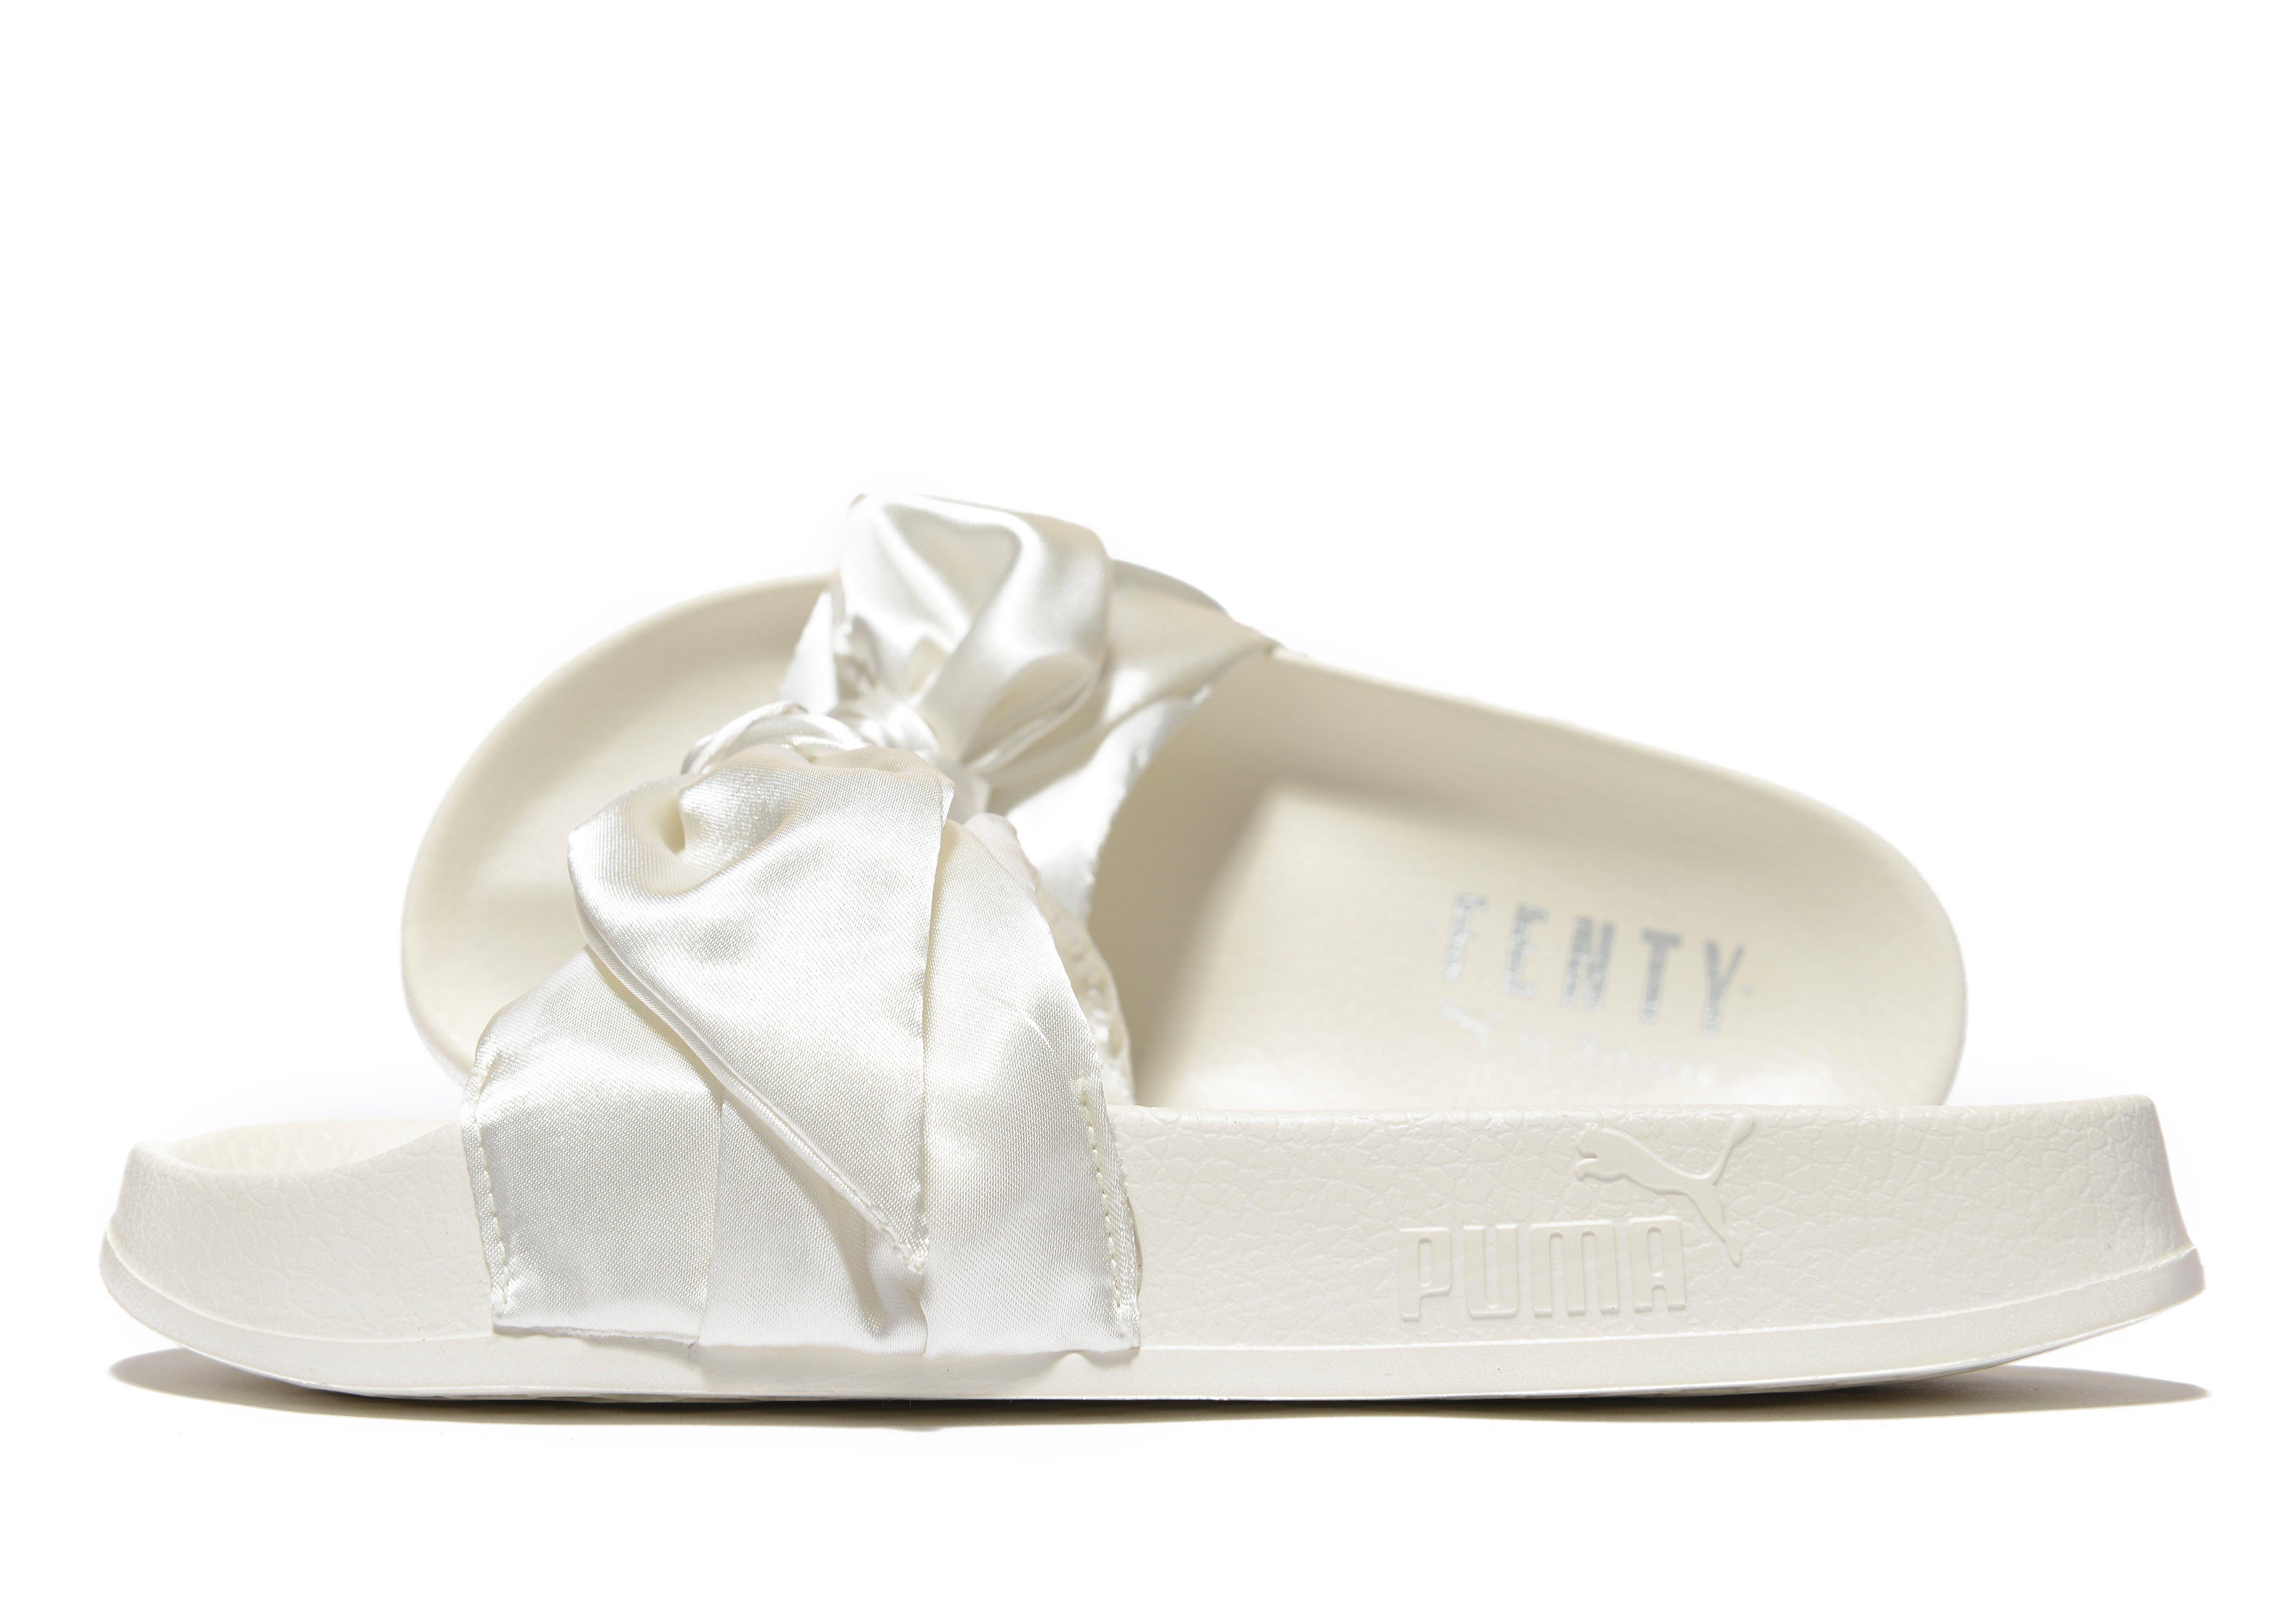 new product 7cdbd 5057e Women's White Fenty Bow Slide